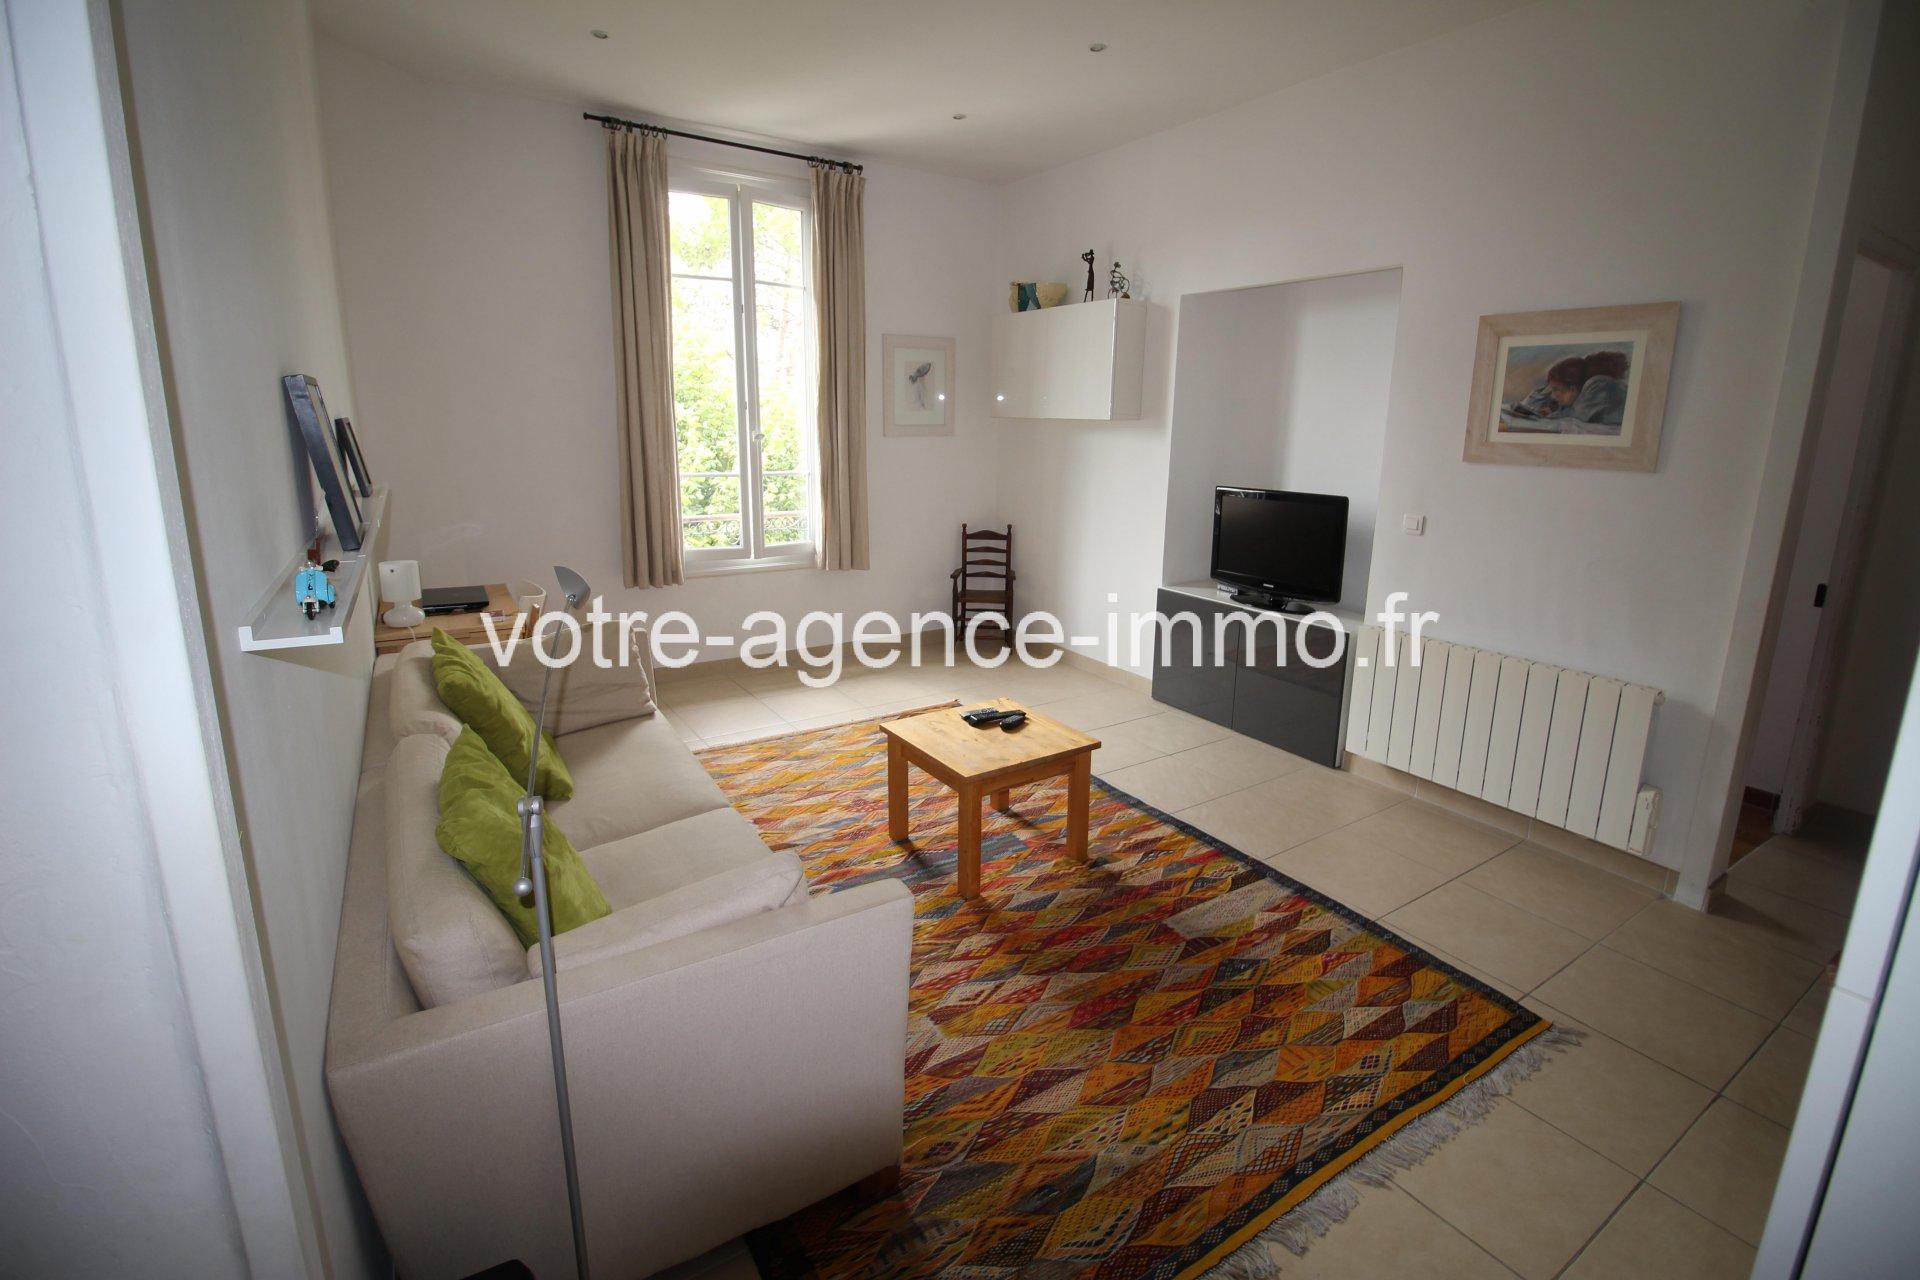 Vente Appartement Nice - 4 pièces - 83 m²